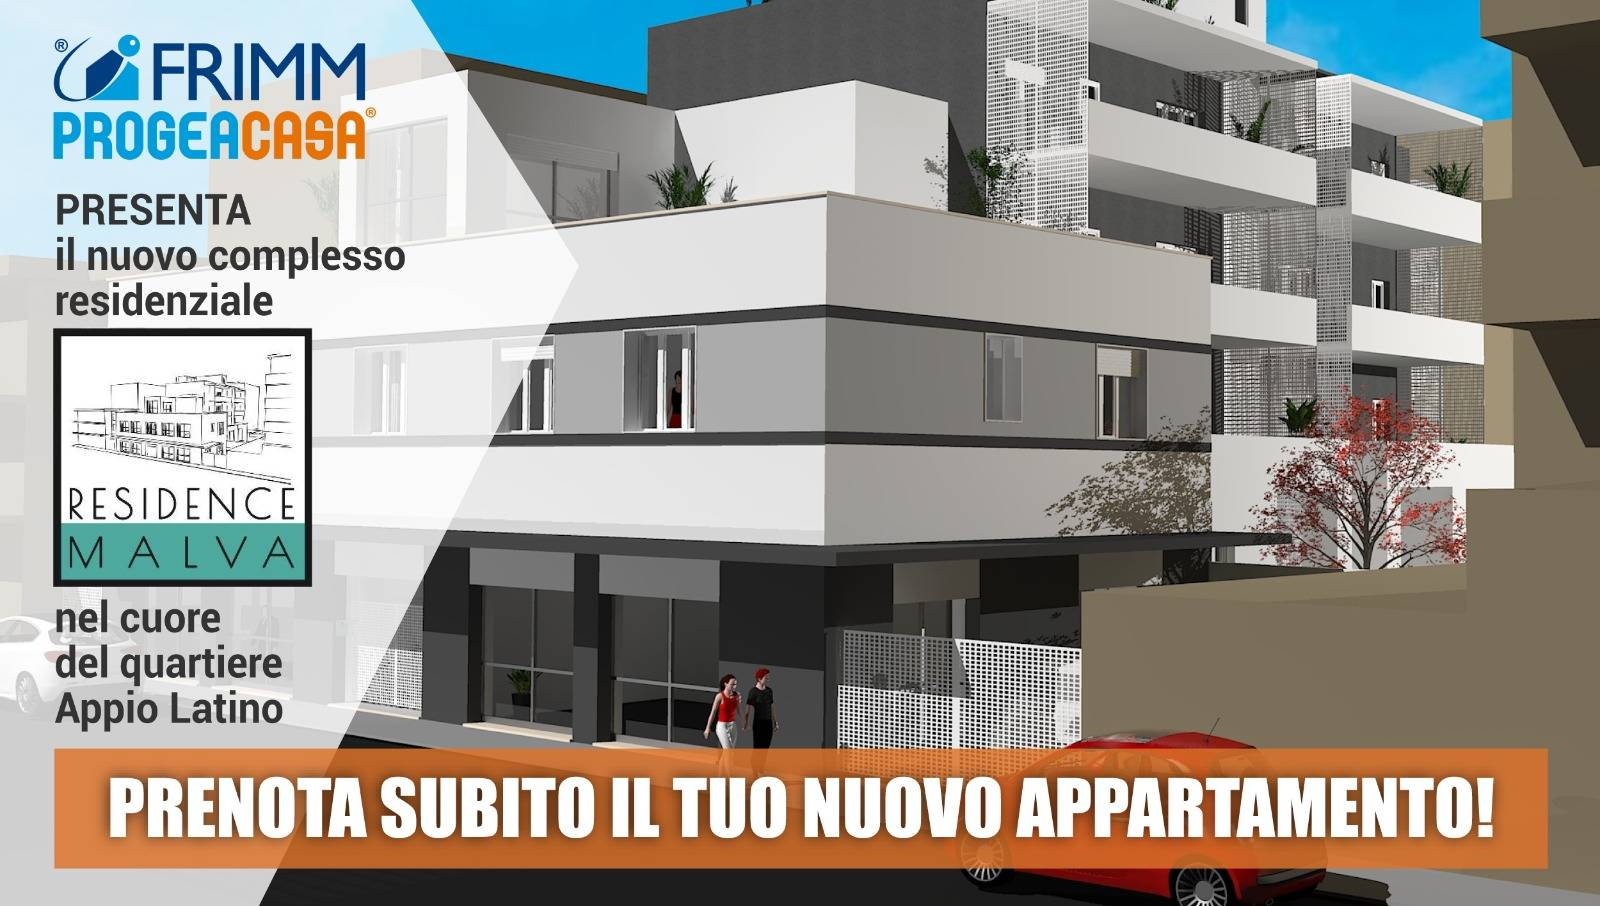 1118418413 Bilocale in Via Michele Amari, Roma, Zona Appio Latino Nuove Costruzioni